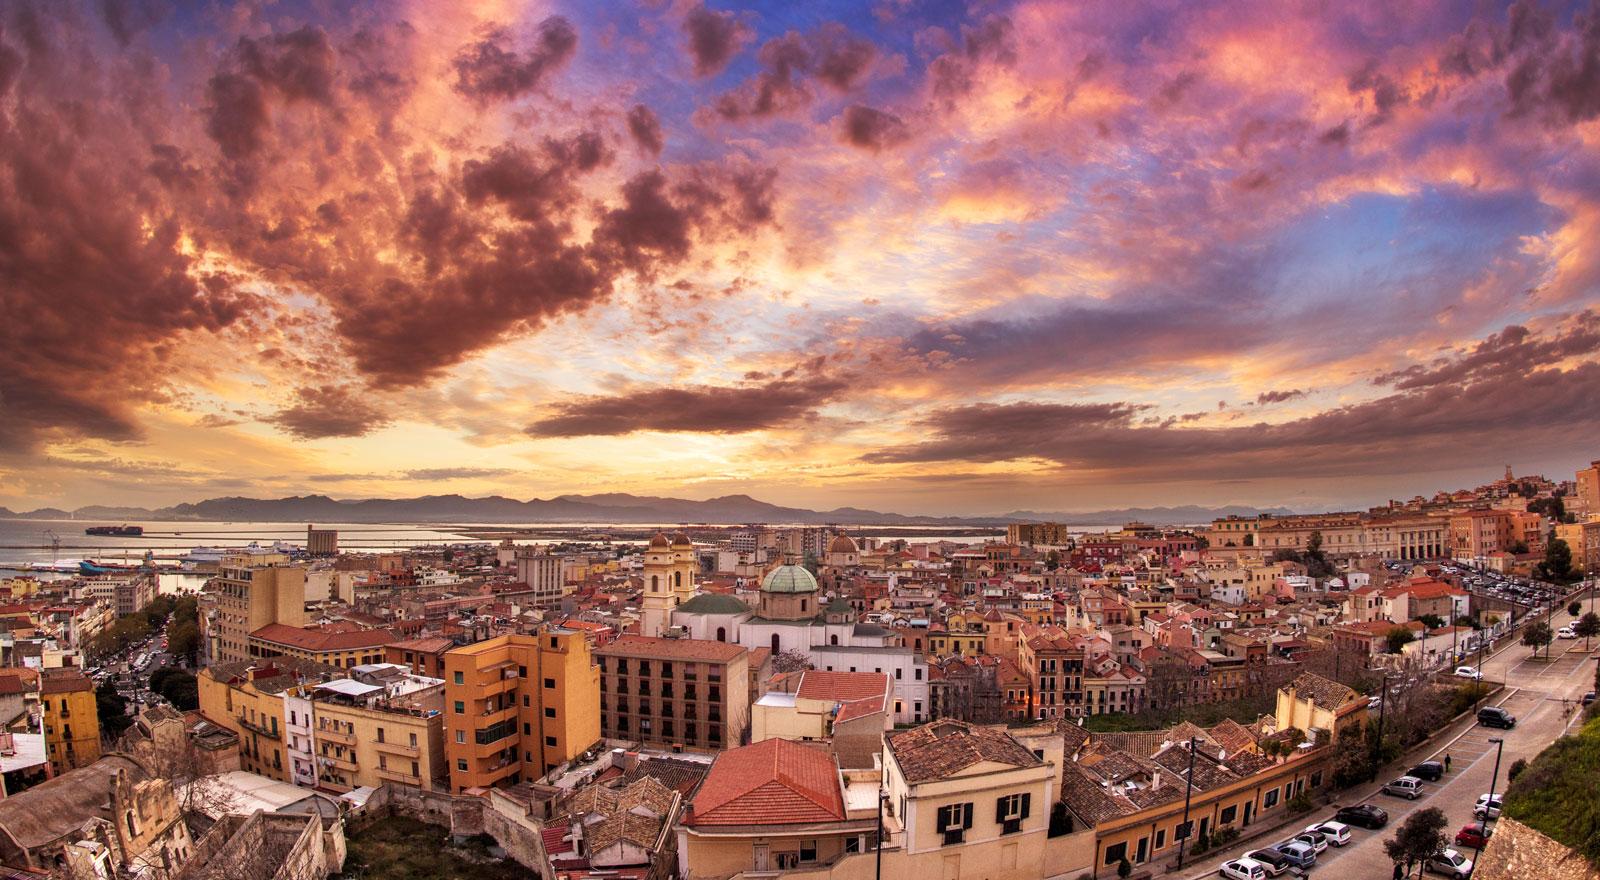 Cagliari - Hotels near the Sea for Holidays in Cagliari | Marin ...